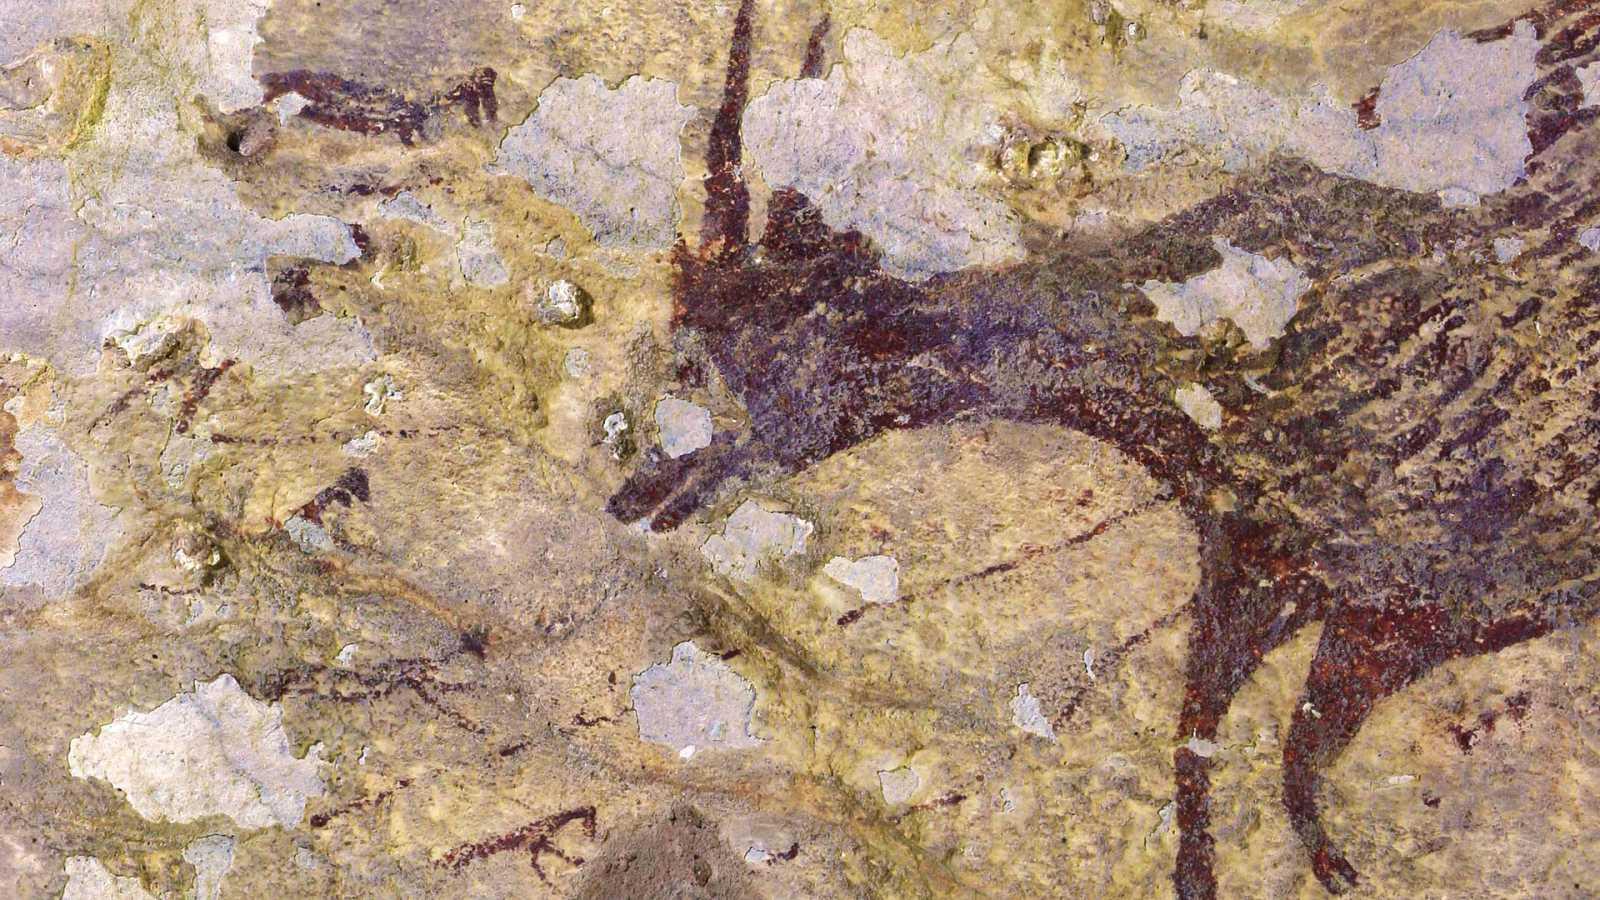 Un grupo de arqueólogos ha descubierto en Indonesia las pinturas rupestres más antiguas del mundo